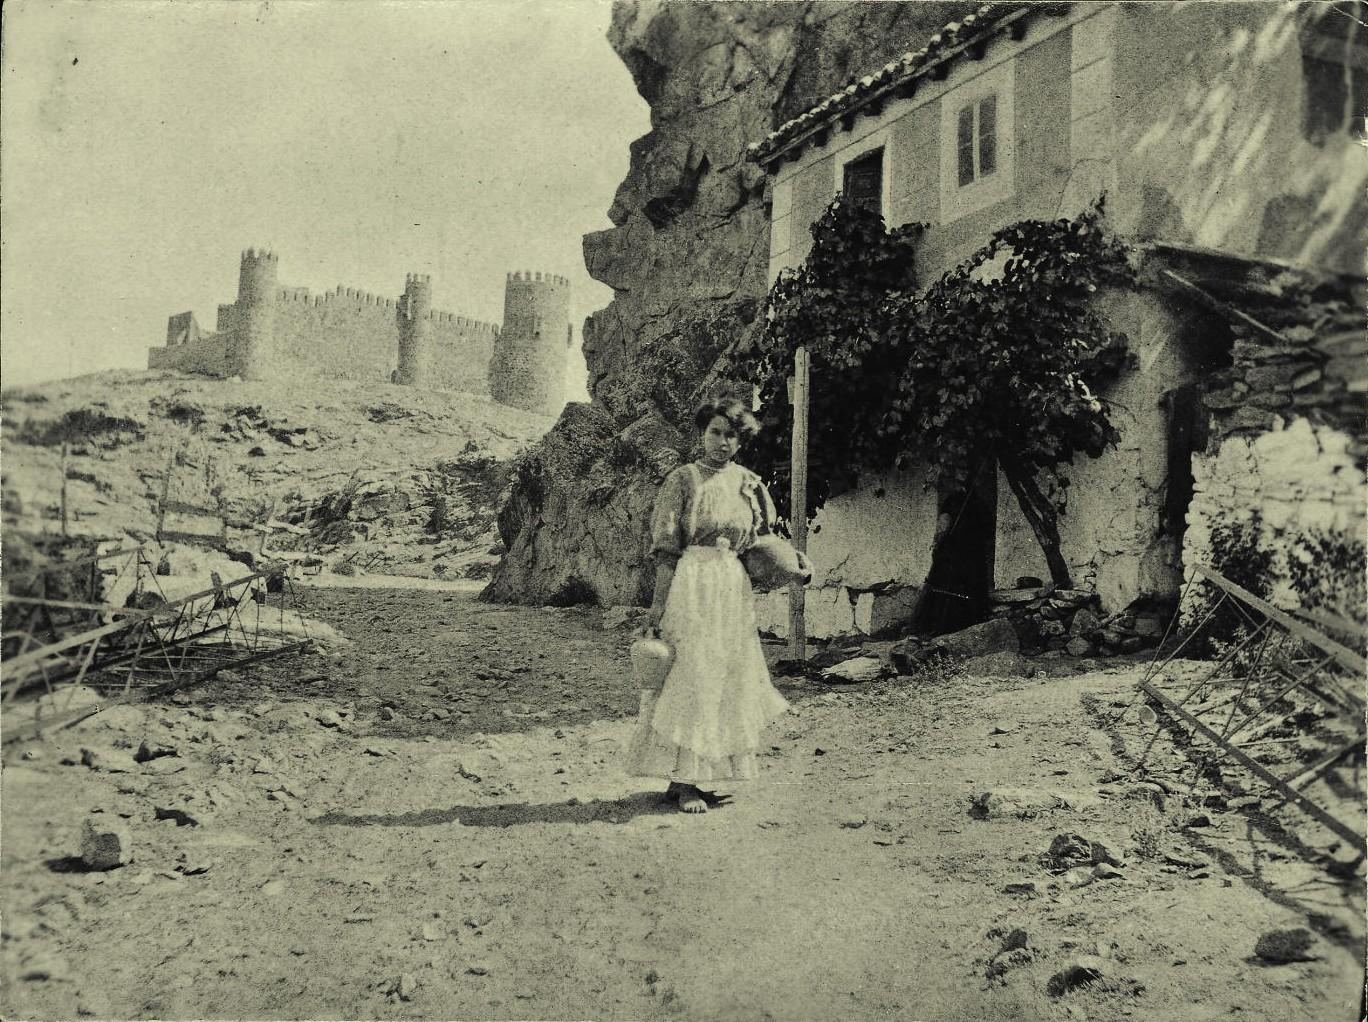 Parador del Macho hacia 1910. Foto de PEdro Román MArtínez, Diputación de Toledo (Centro de estudios Juan de Mariana)